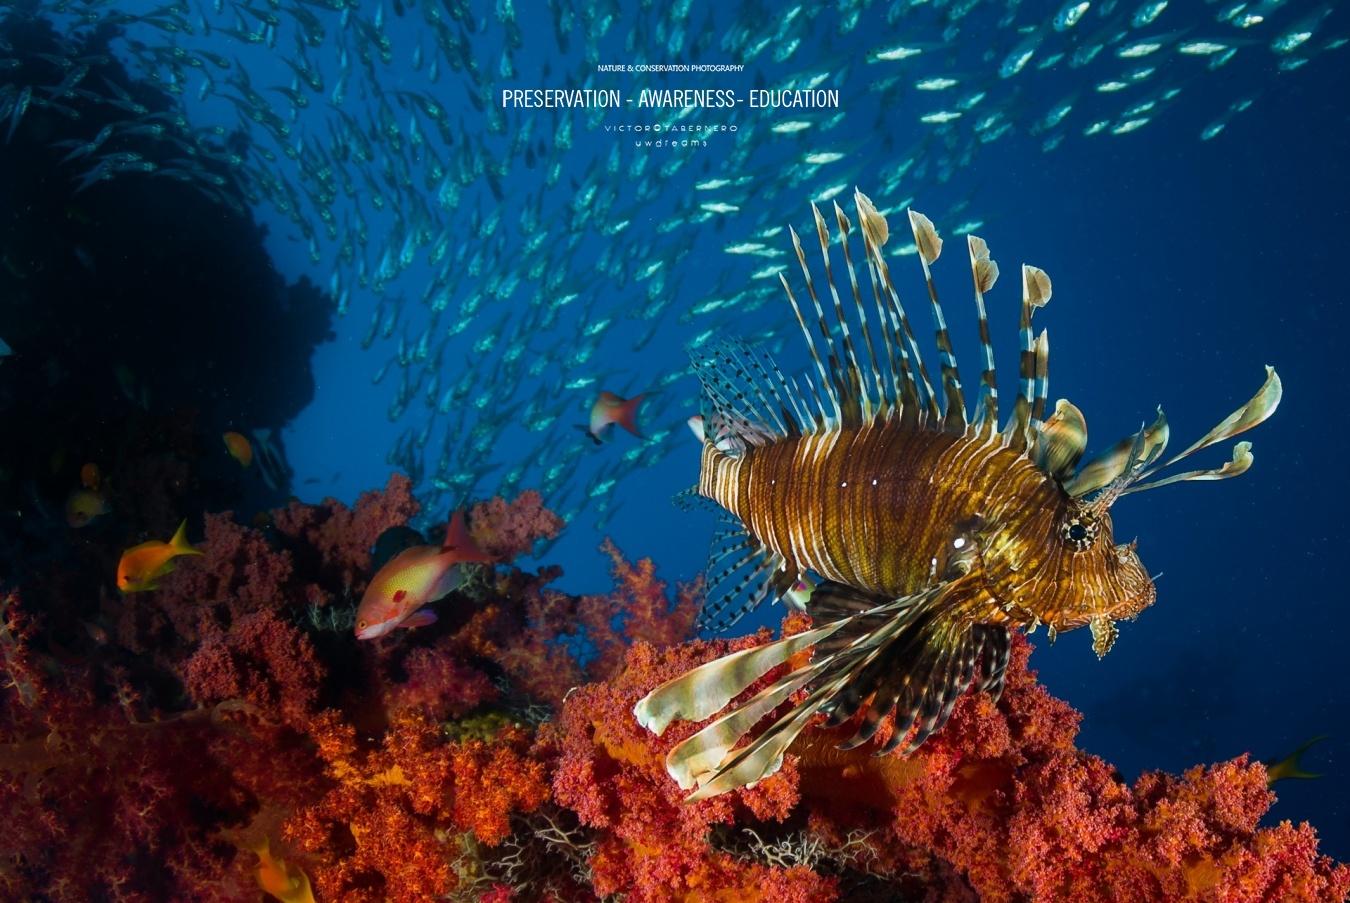 Silencios - Wildlife Conservation Photography, UWDREAMS.COM